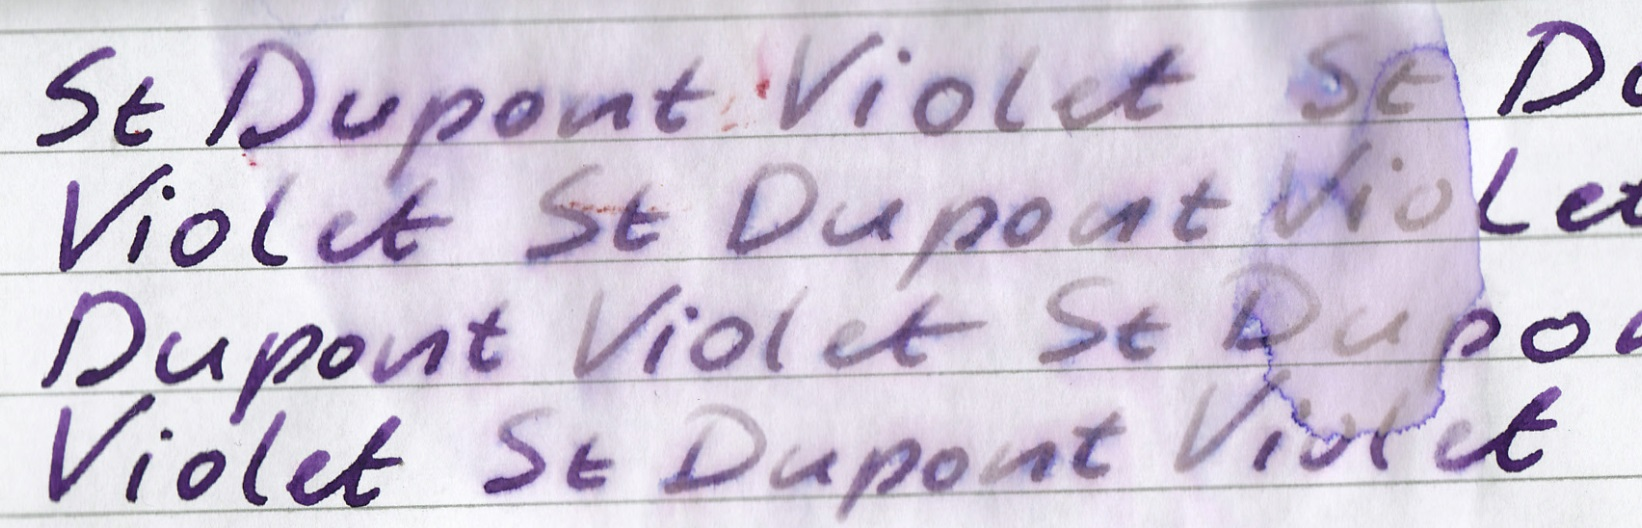 fpn_1455051761__violet_stdupont_h2o.jpg